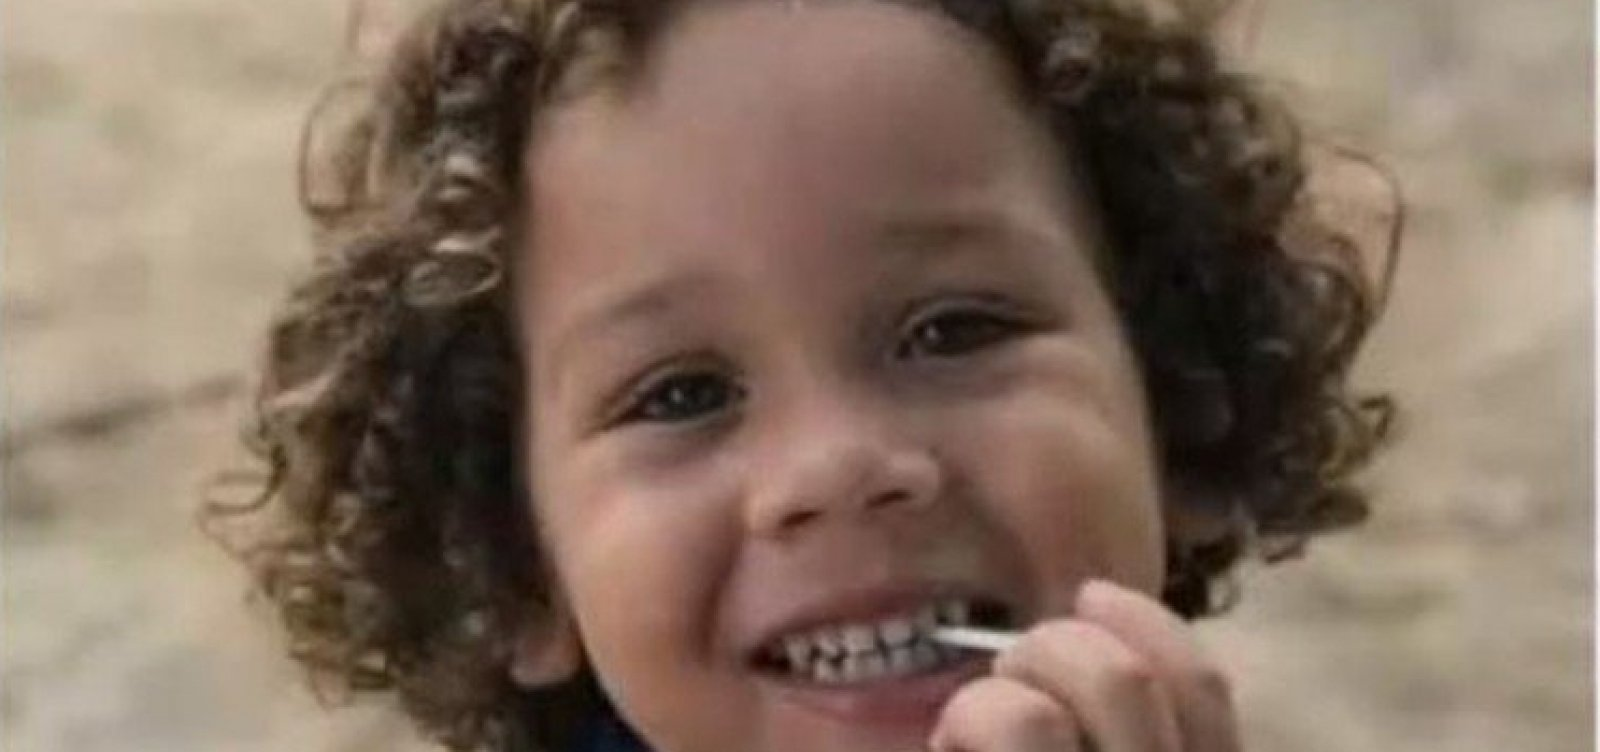 Mulher que atropelou e matou criança de 4 anos em Pau Brasil é presa